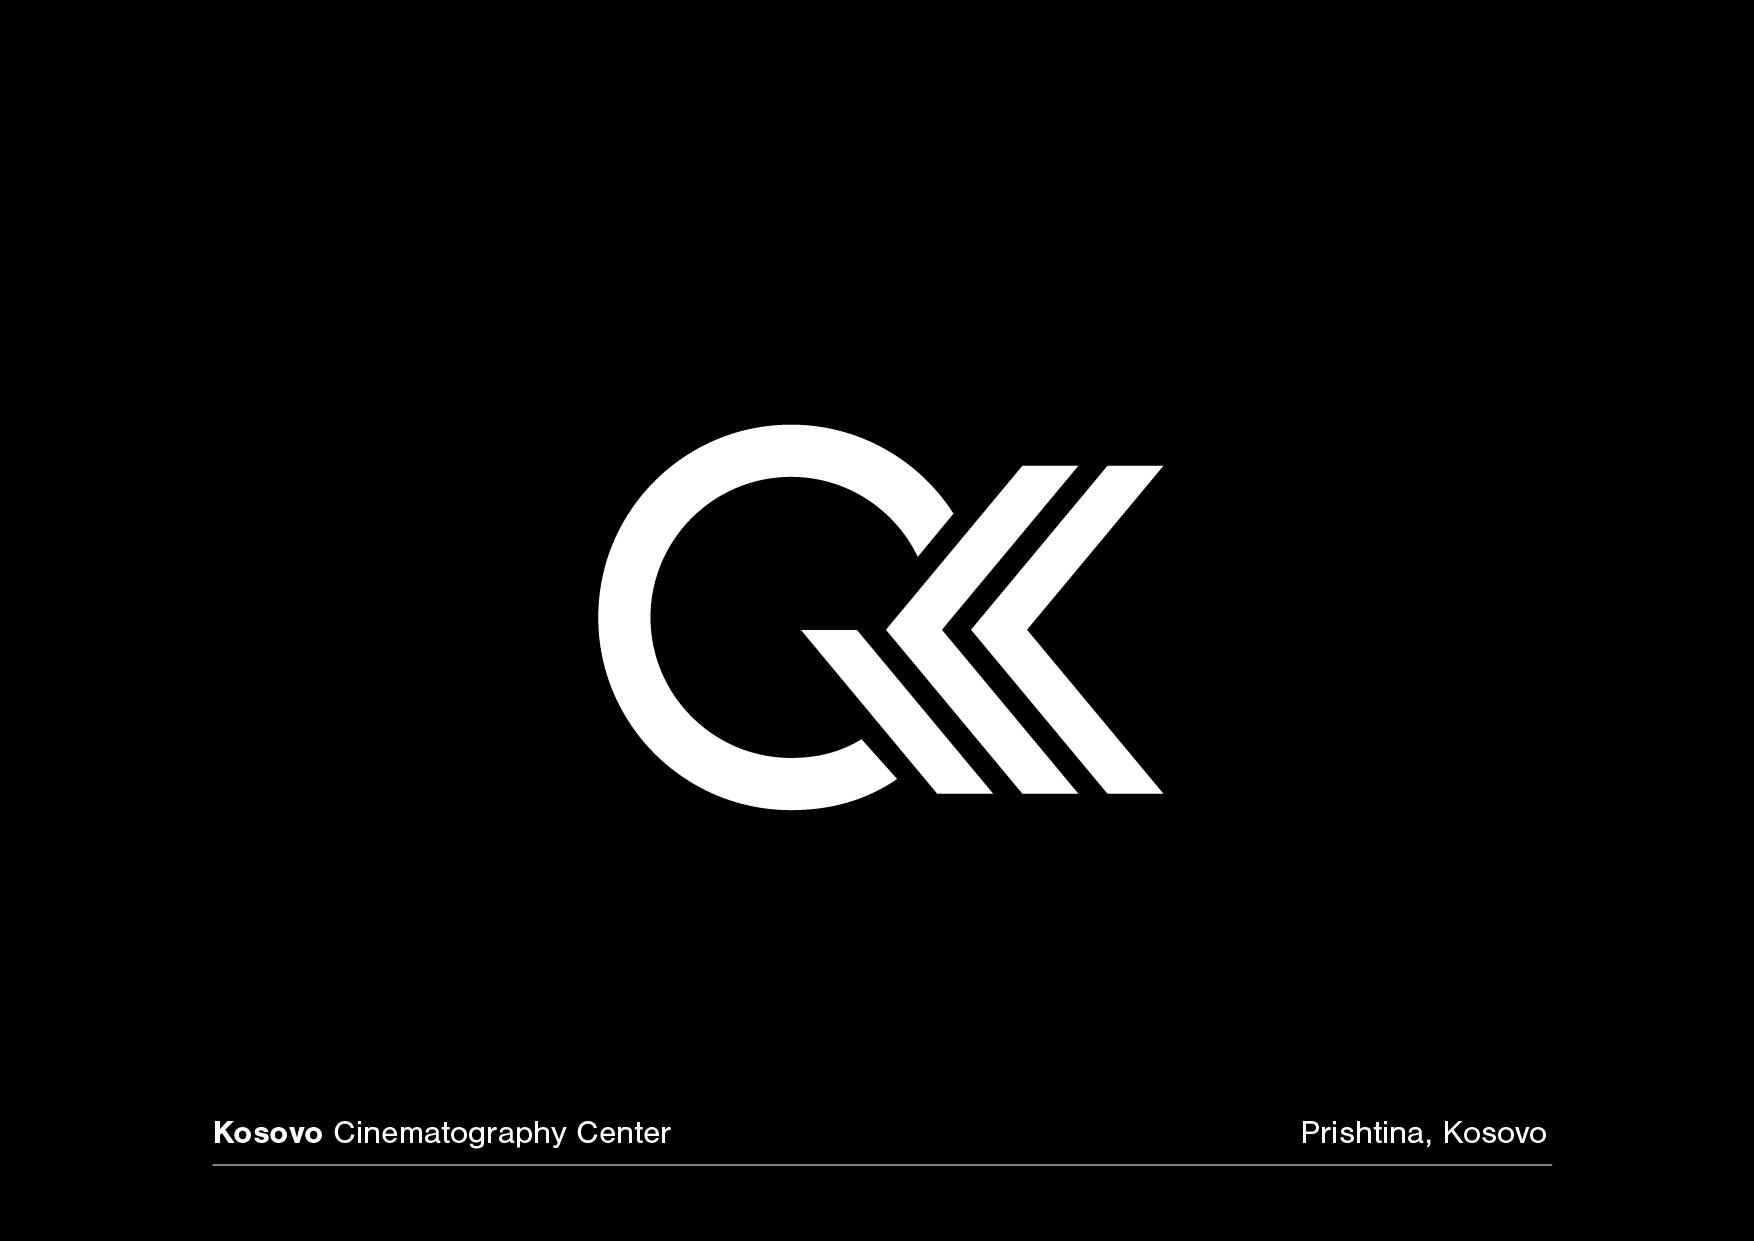 qkk-01